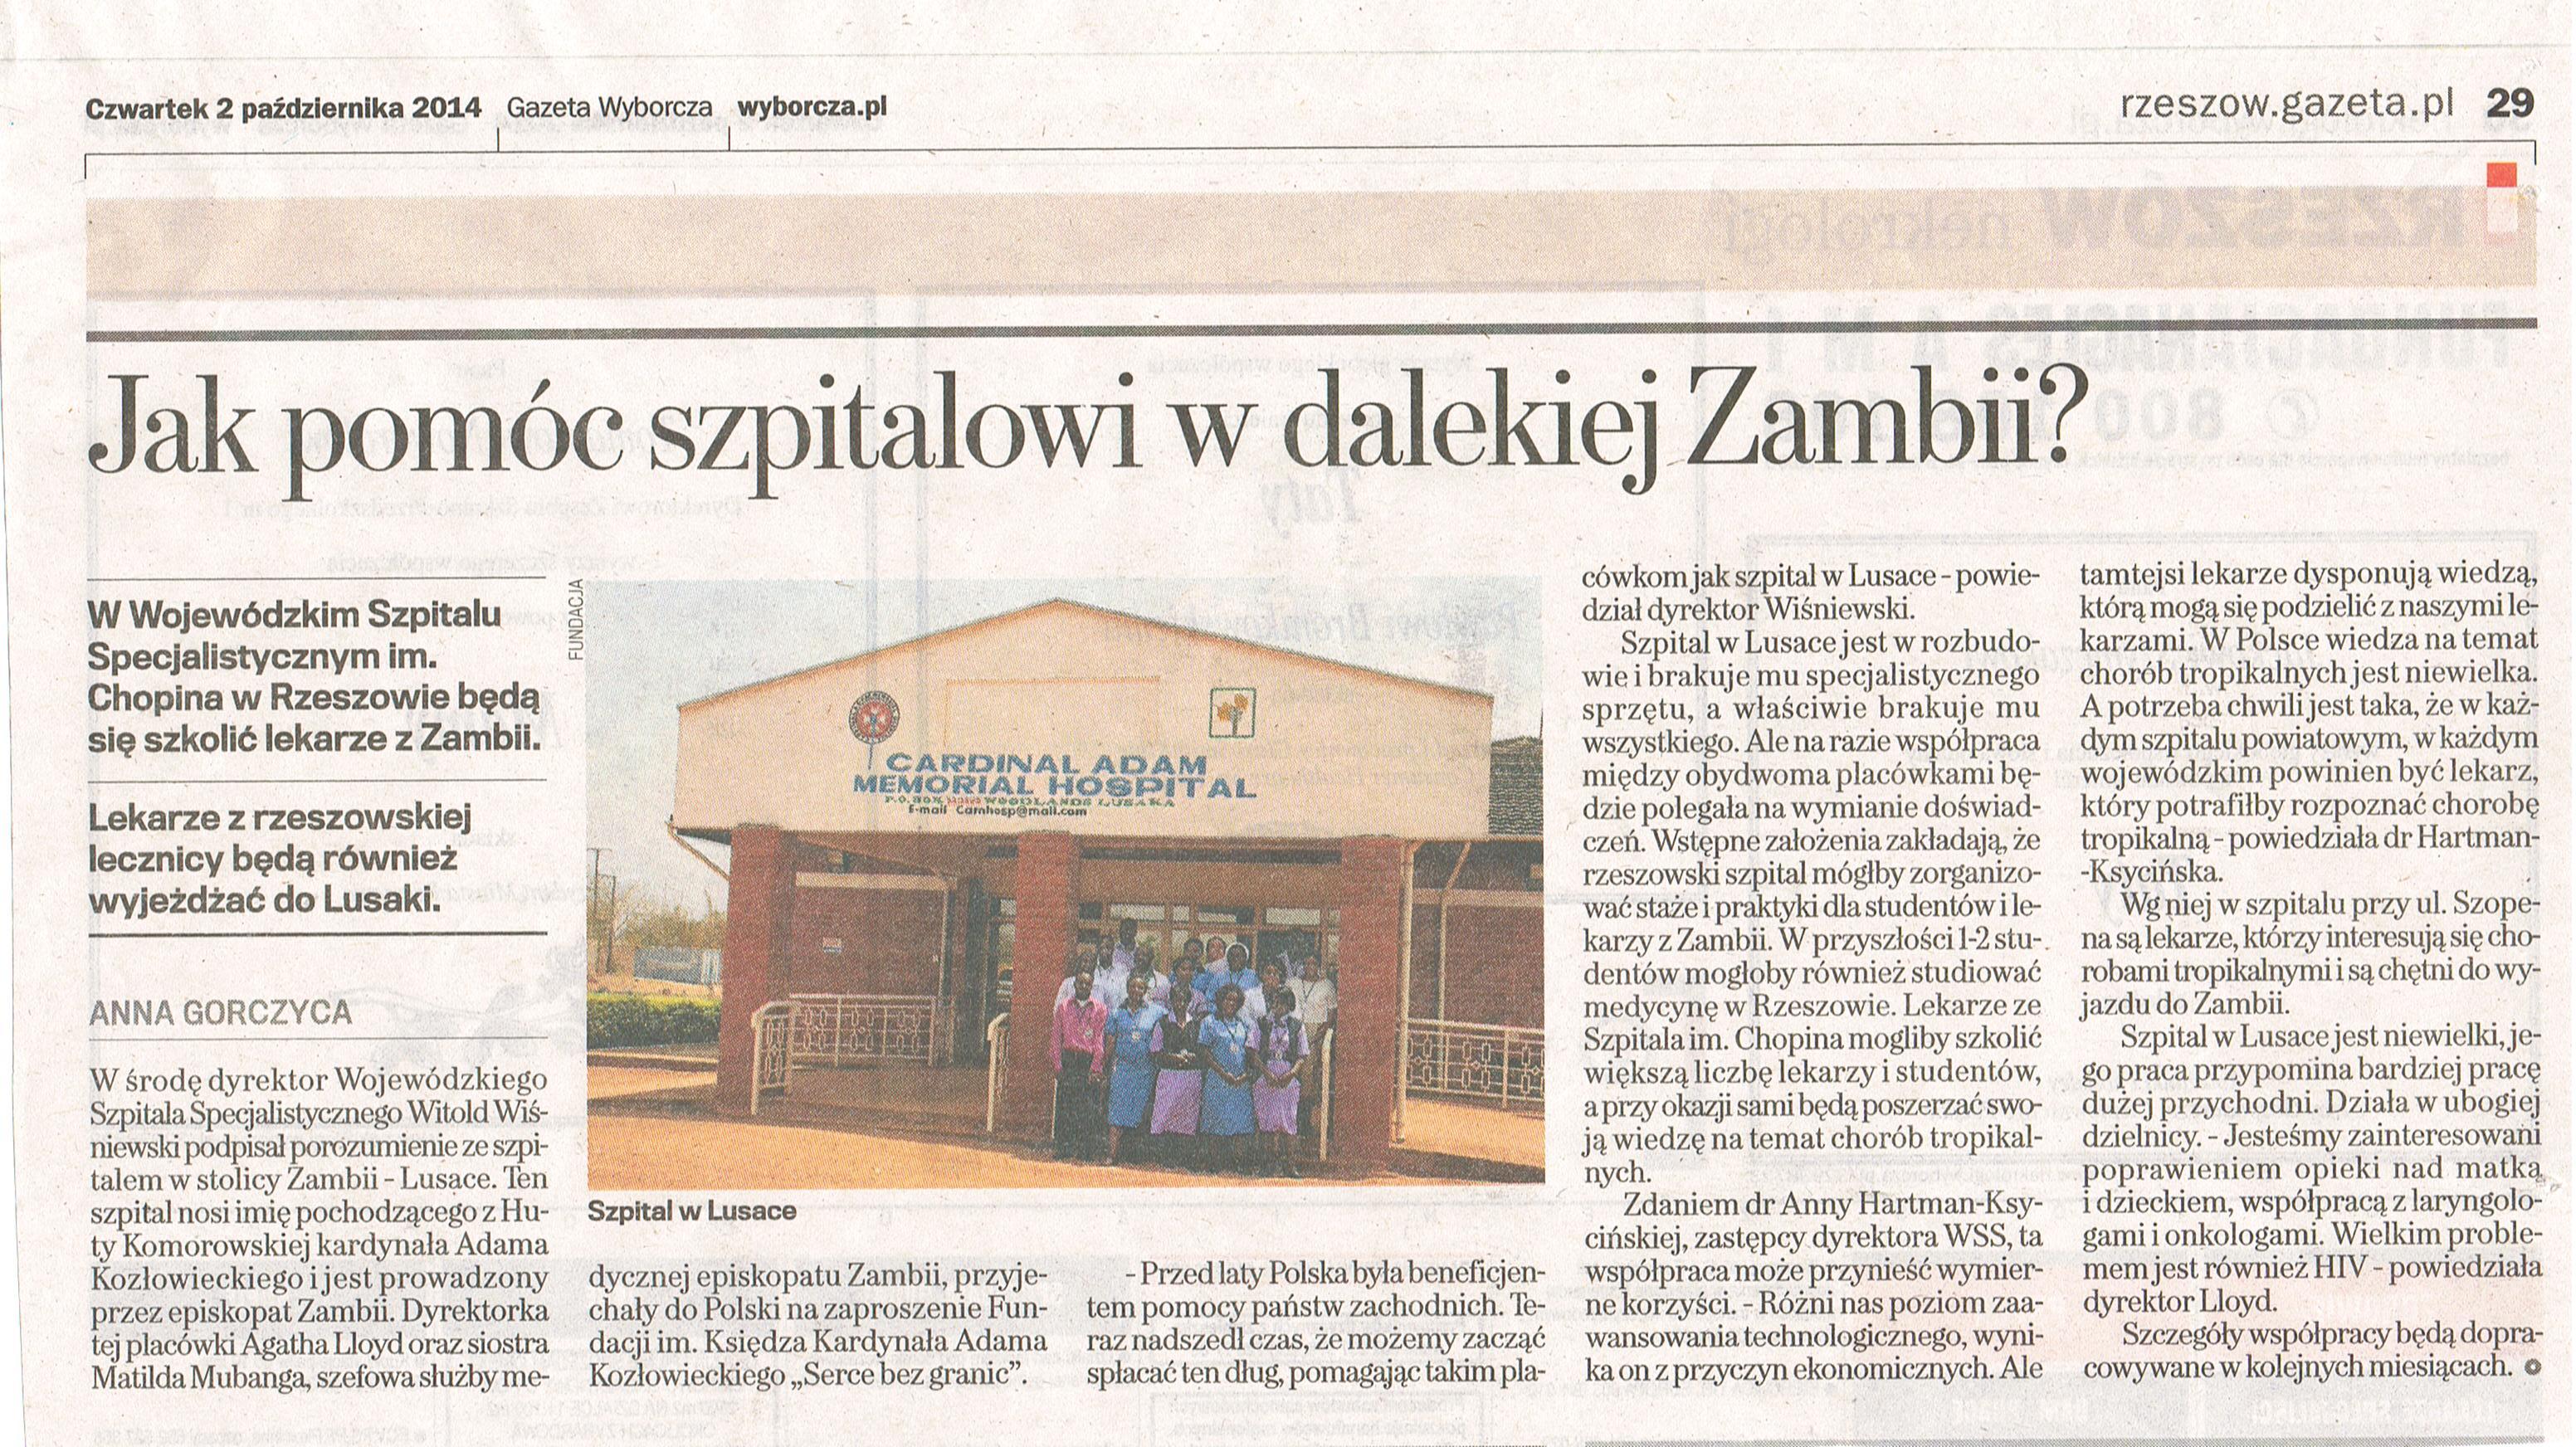 Gazeta Wyborcza, 02.10.2014